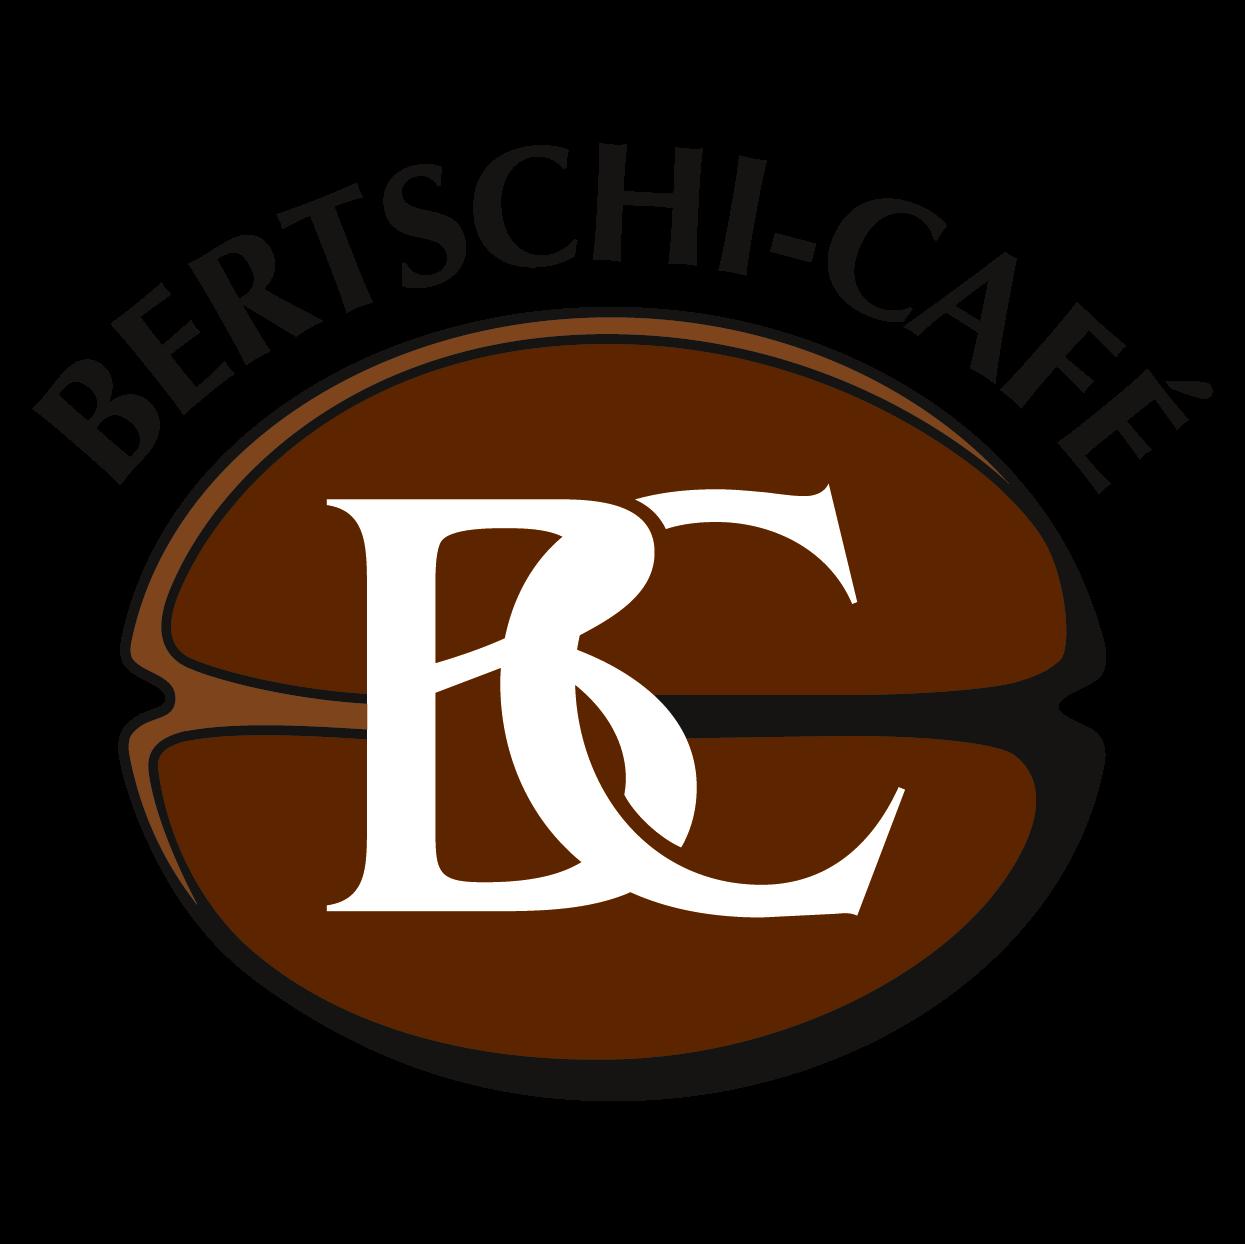 Kaffeerösterei Bertschi Café